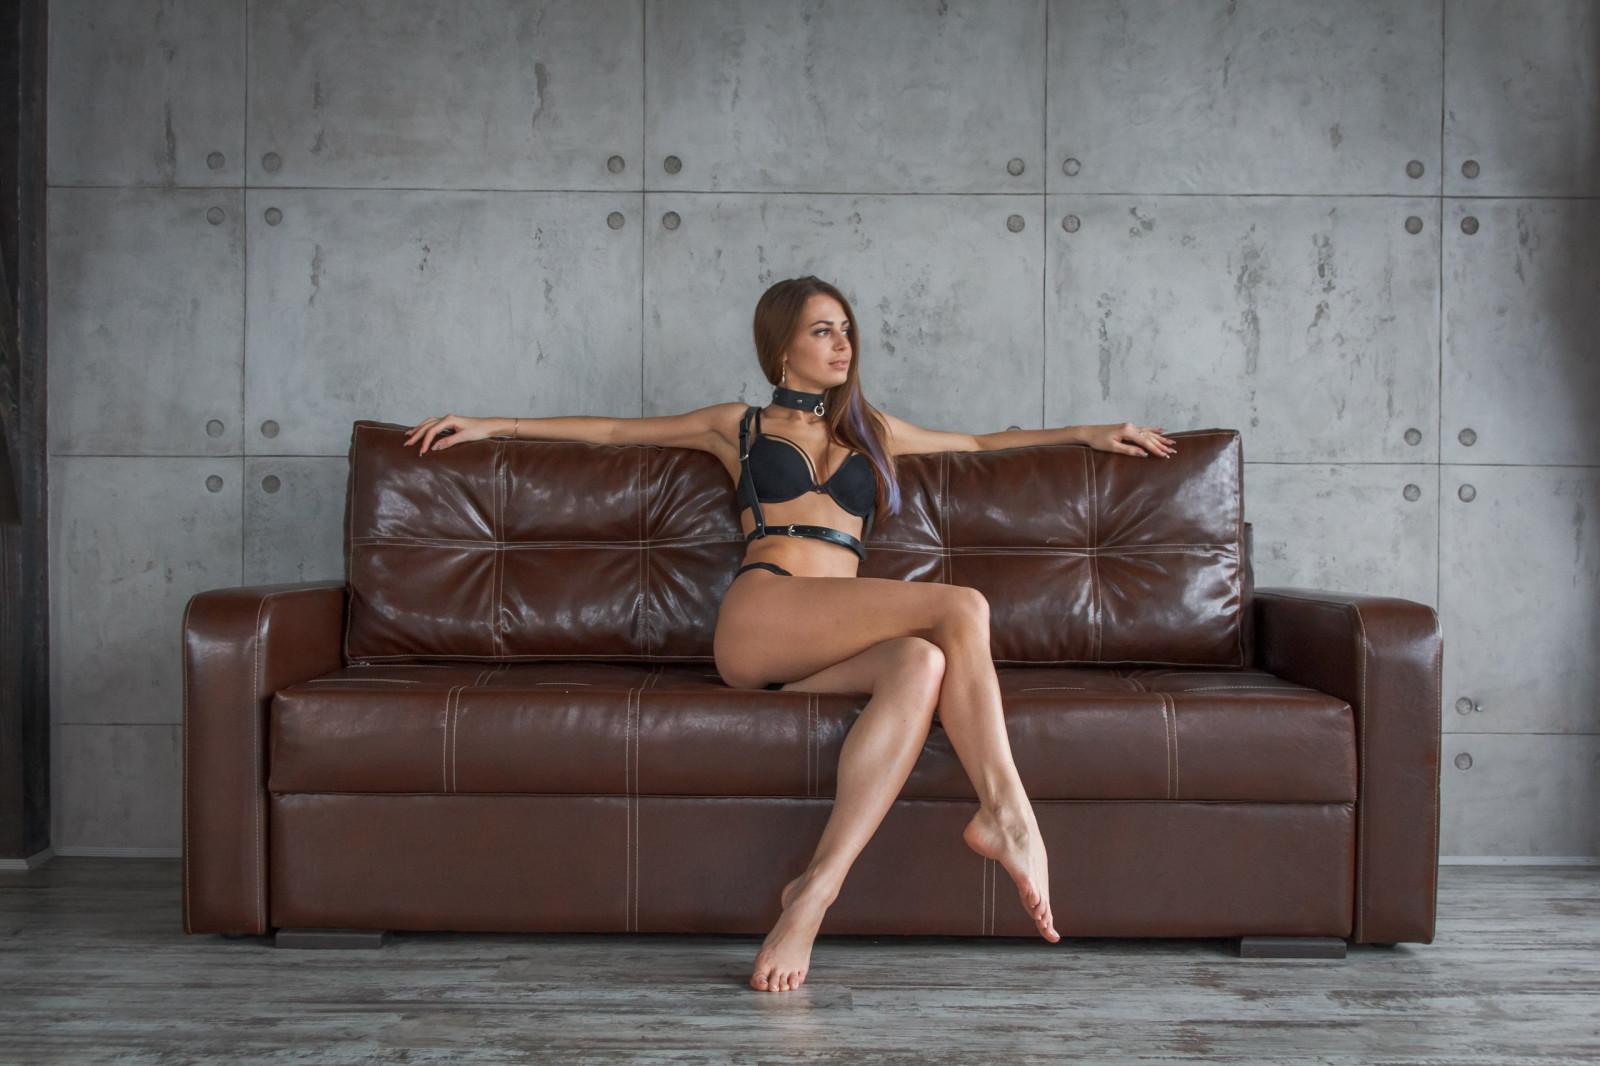 босиком на диване фото большого разрешения - 11